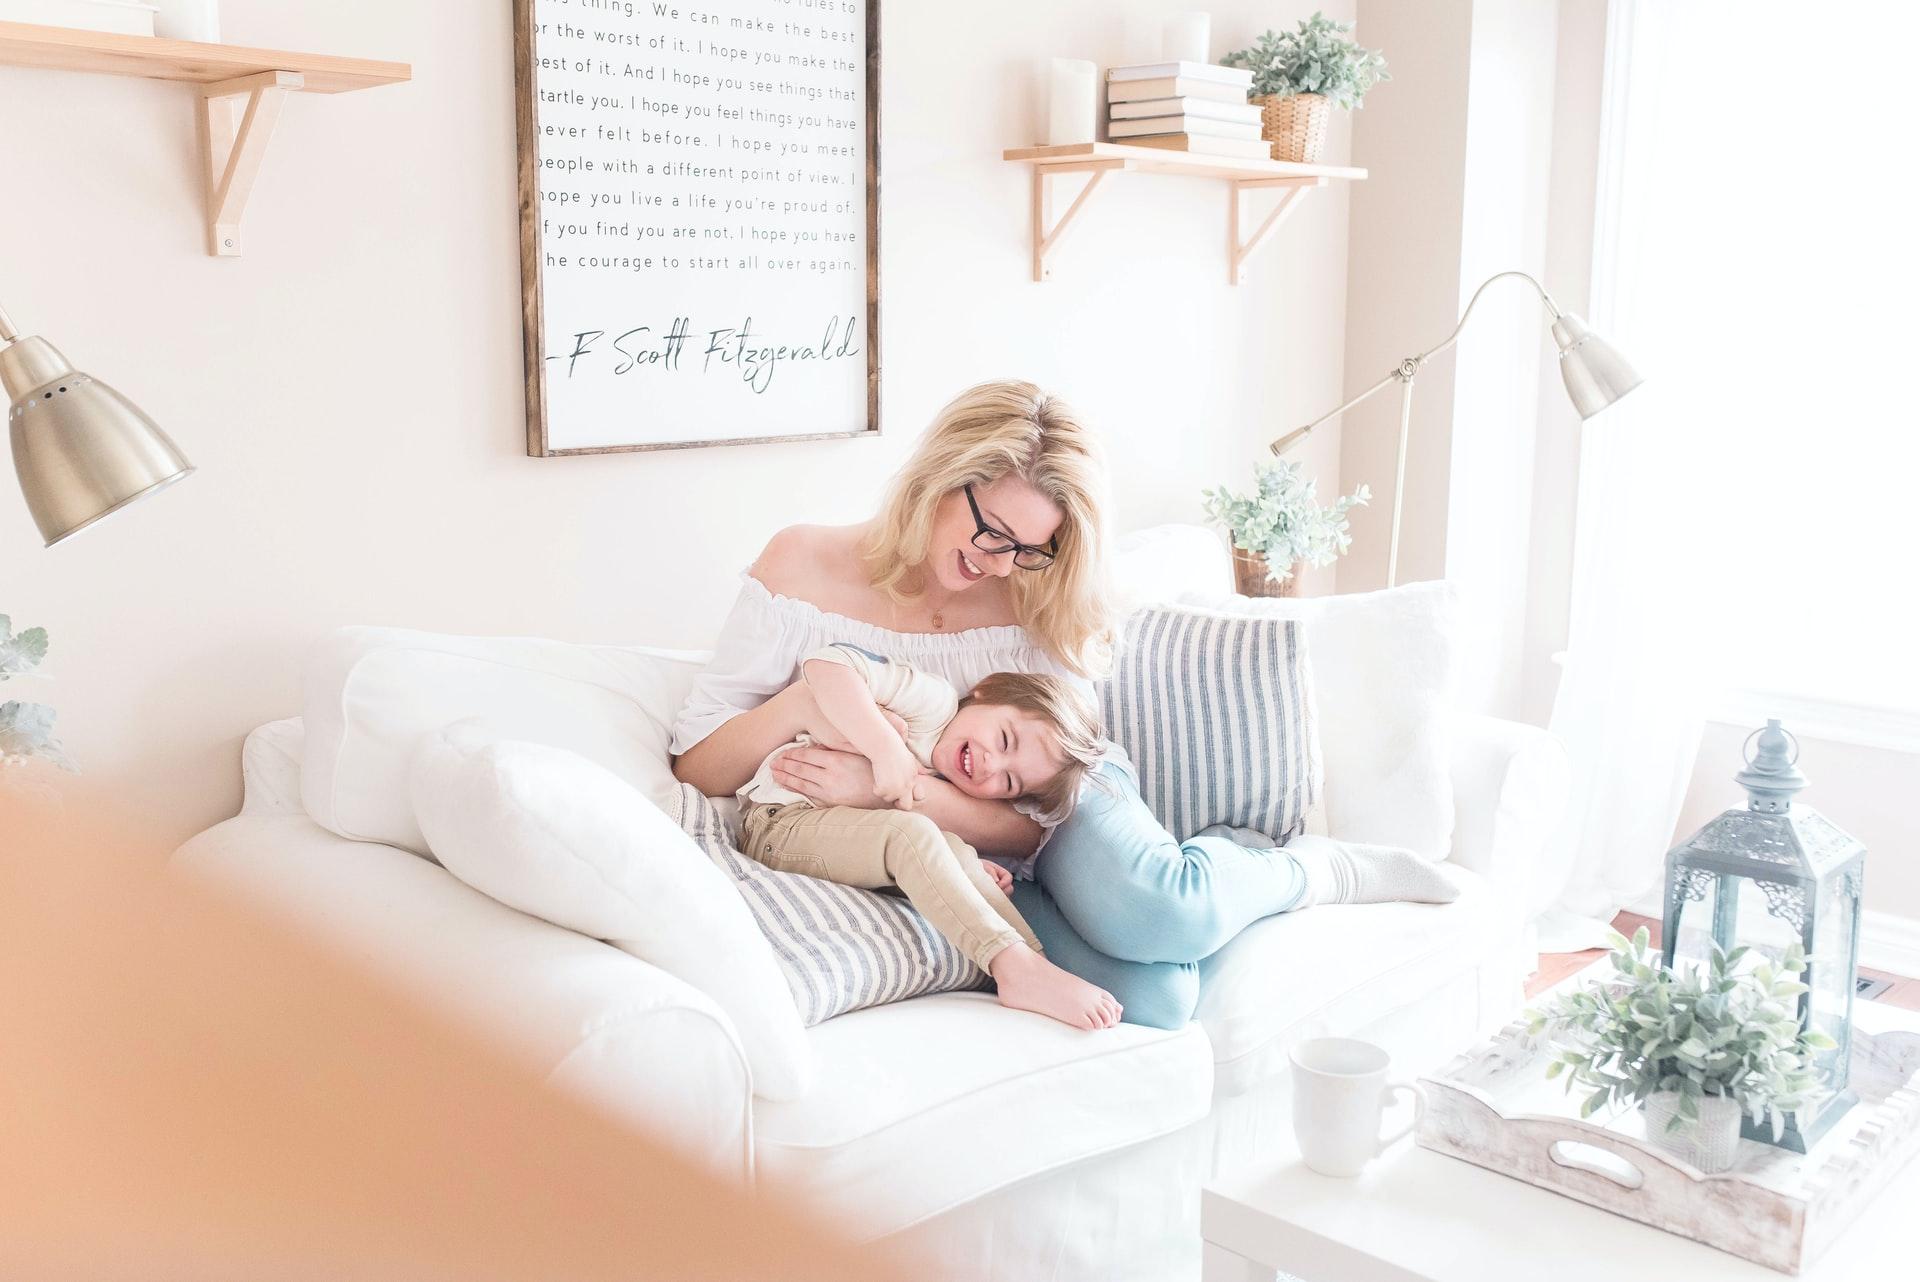 chirurgia bambini materiale plla genitori felici